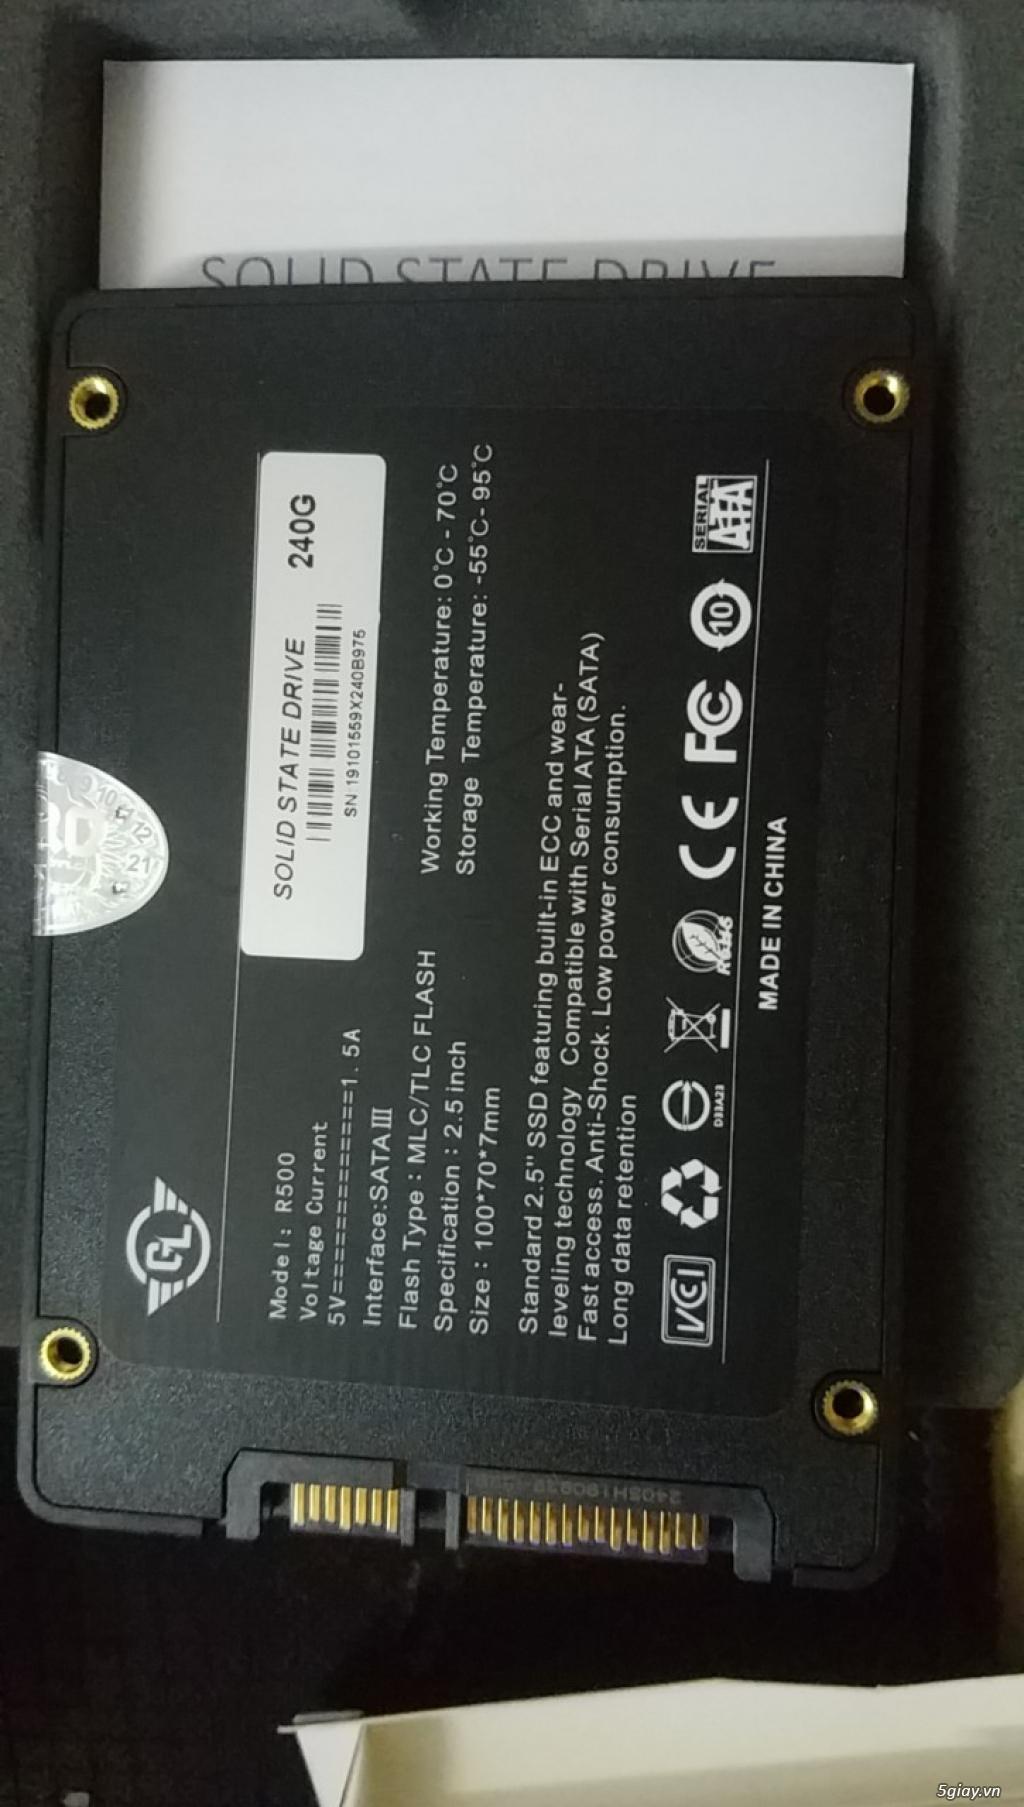 SSD Gloway 120GB-240GB BH 36T - 1